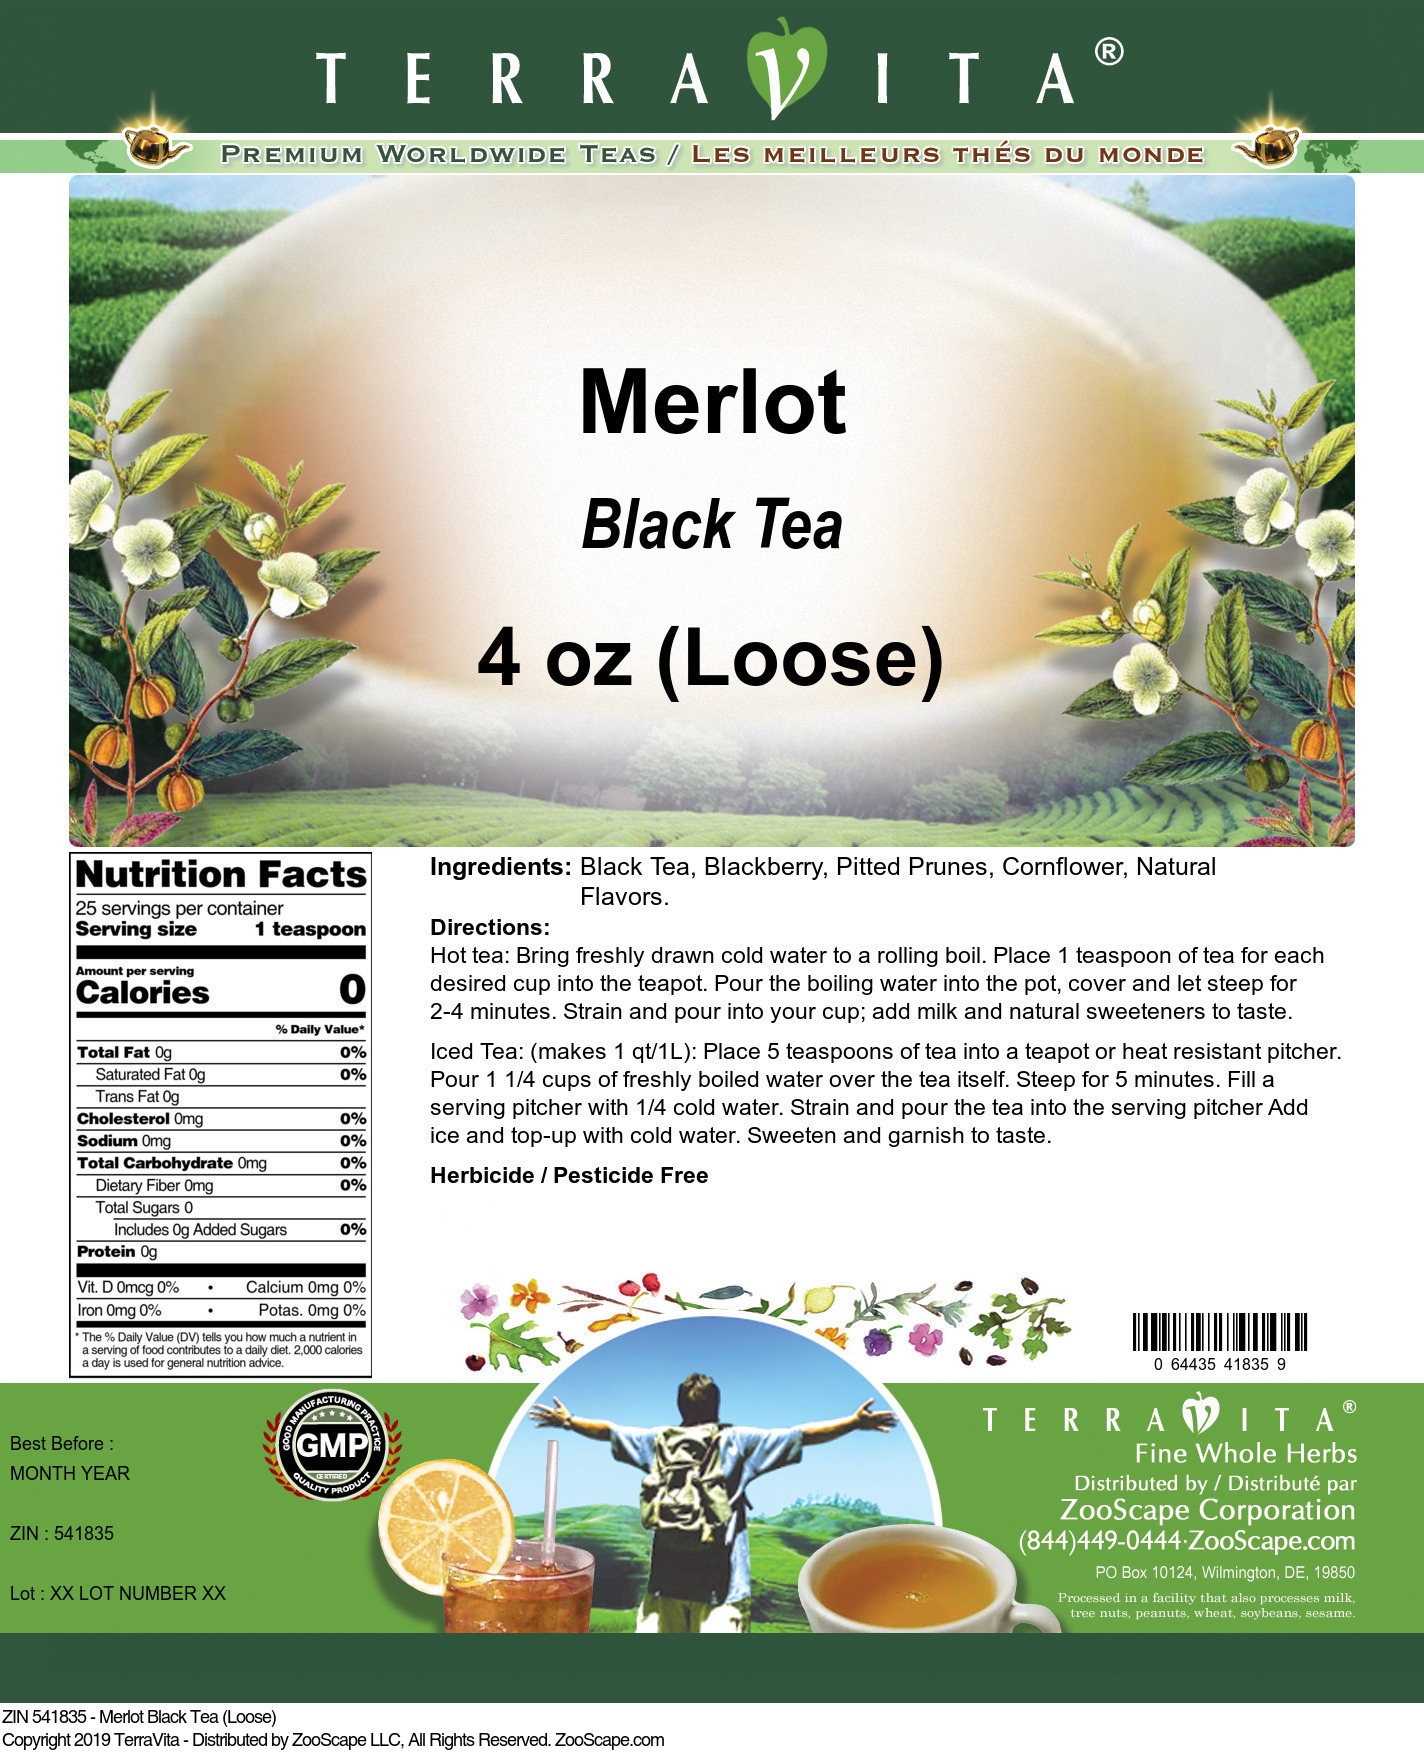 Merlot Black Tea